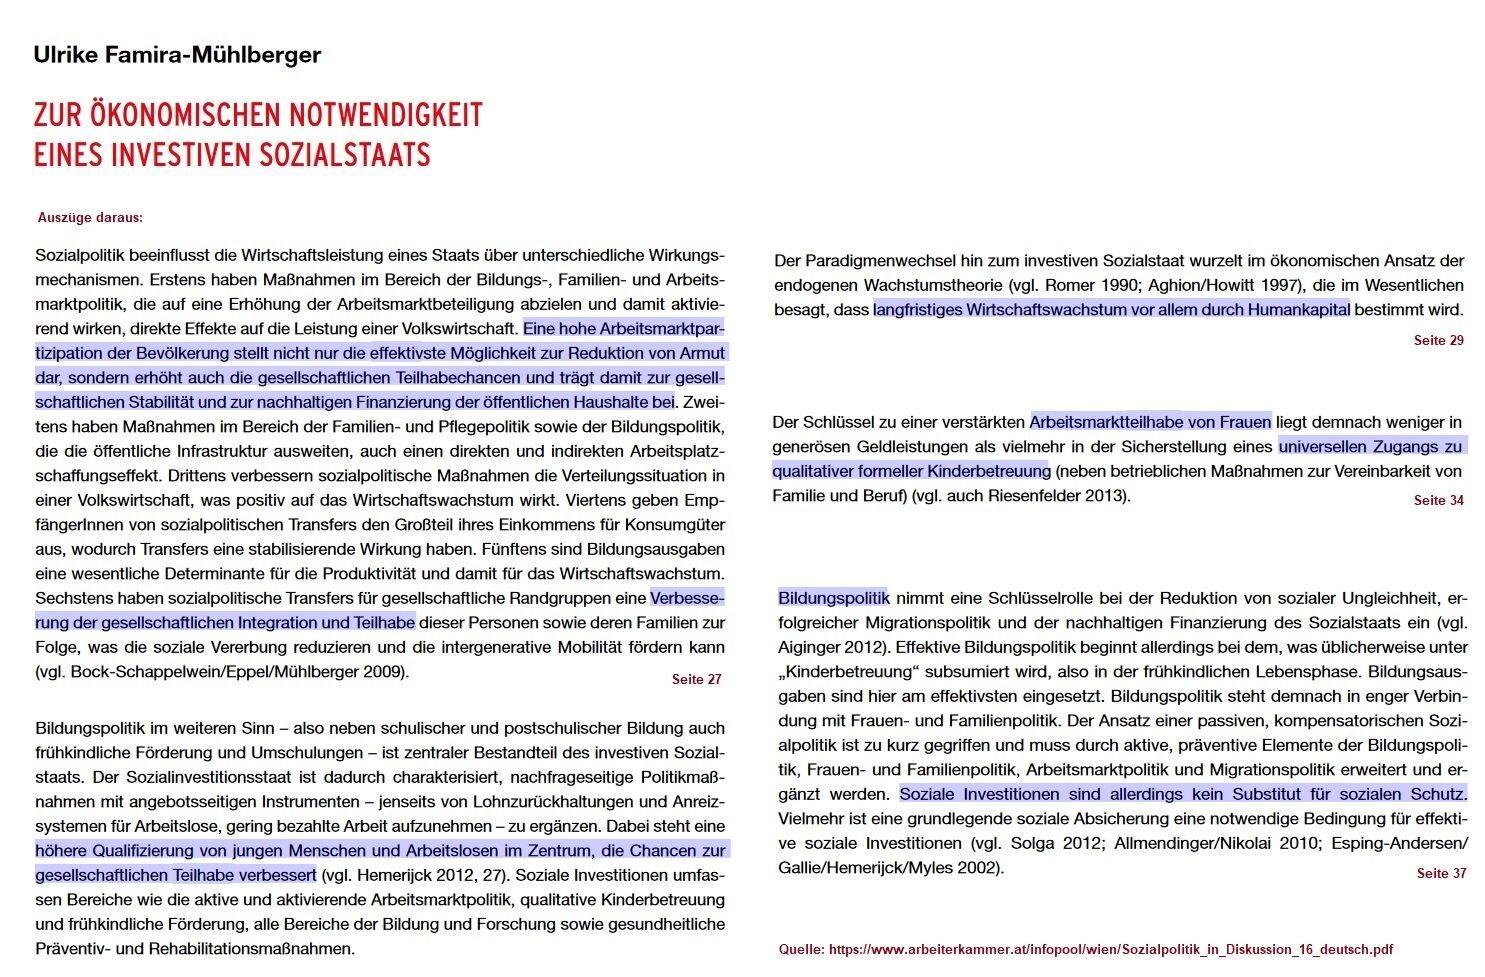 2019-10-23_Arbeiterkammer_Ulrike-Famira-Muehlberger_zur-oekonomischen-Notwendigkeit-eines-investiven-Sozialstaats